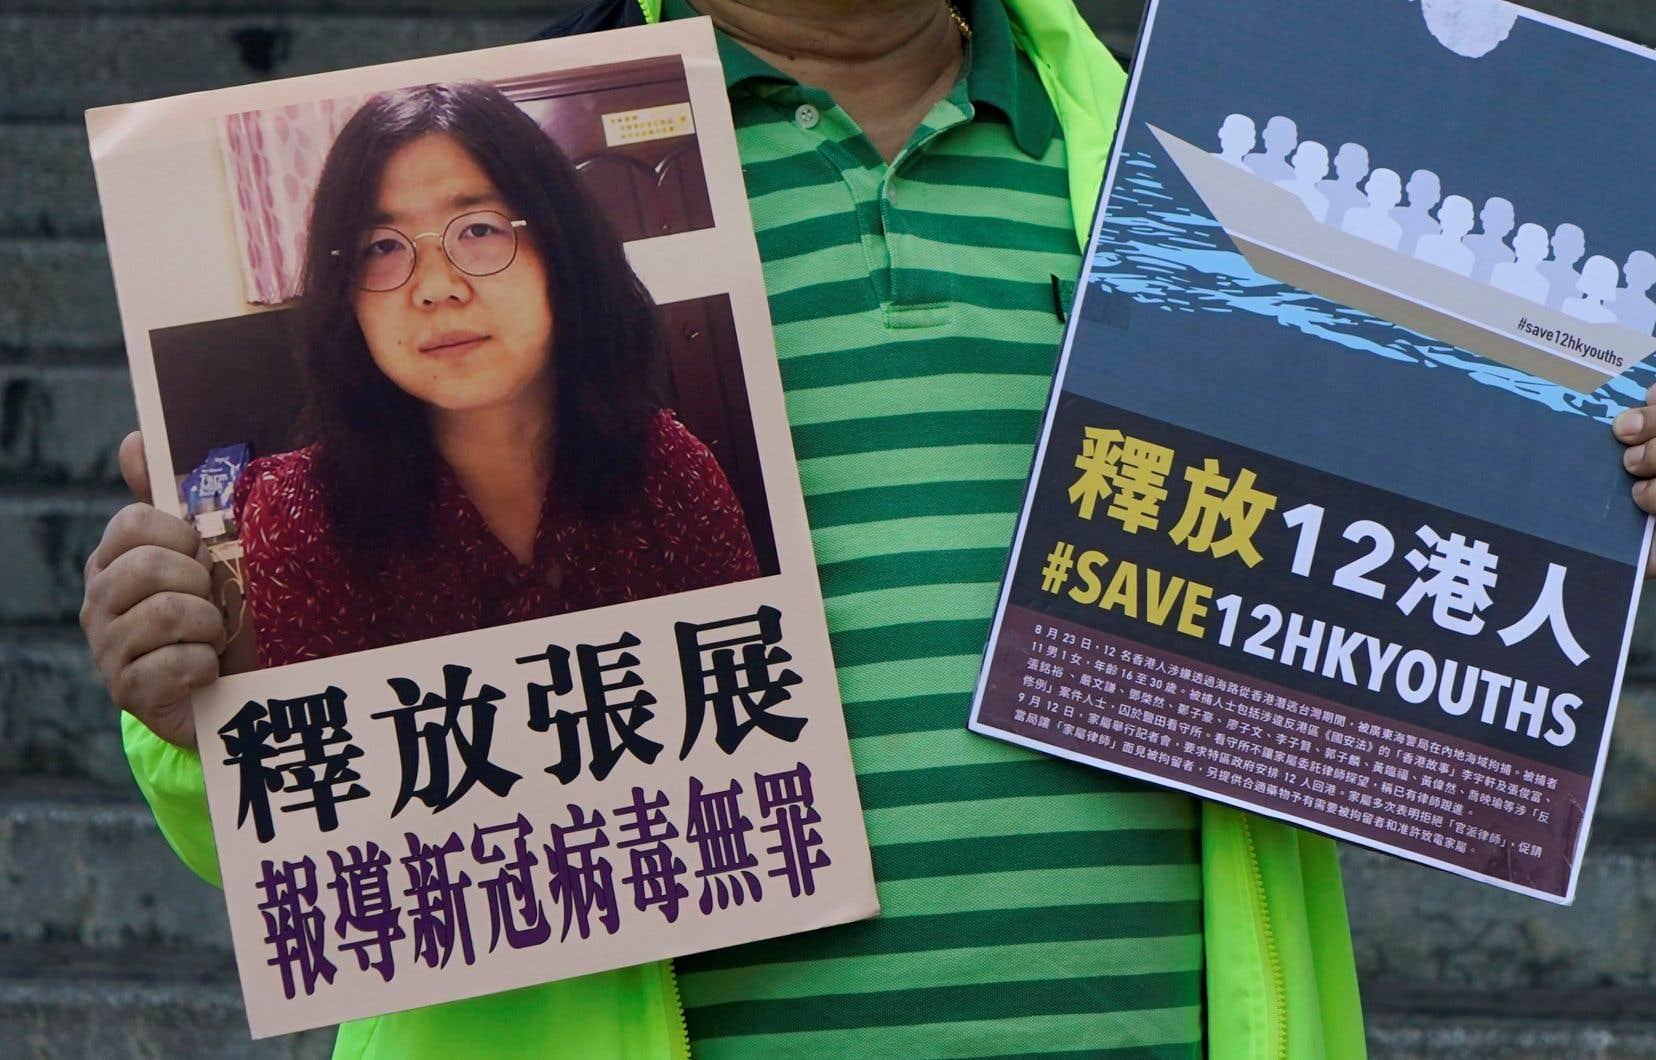 Des partisans pro-démocratie se sont rassemblés devant le tribunal de Shanghai, où l'ancienne avocate a été jugée en l'espace de quelques heures.